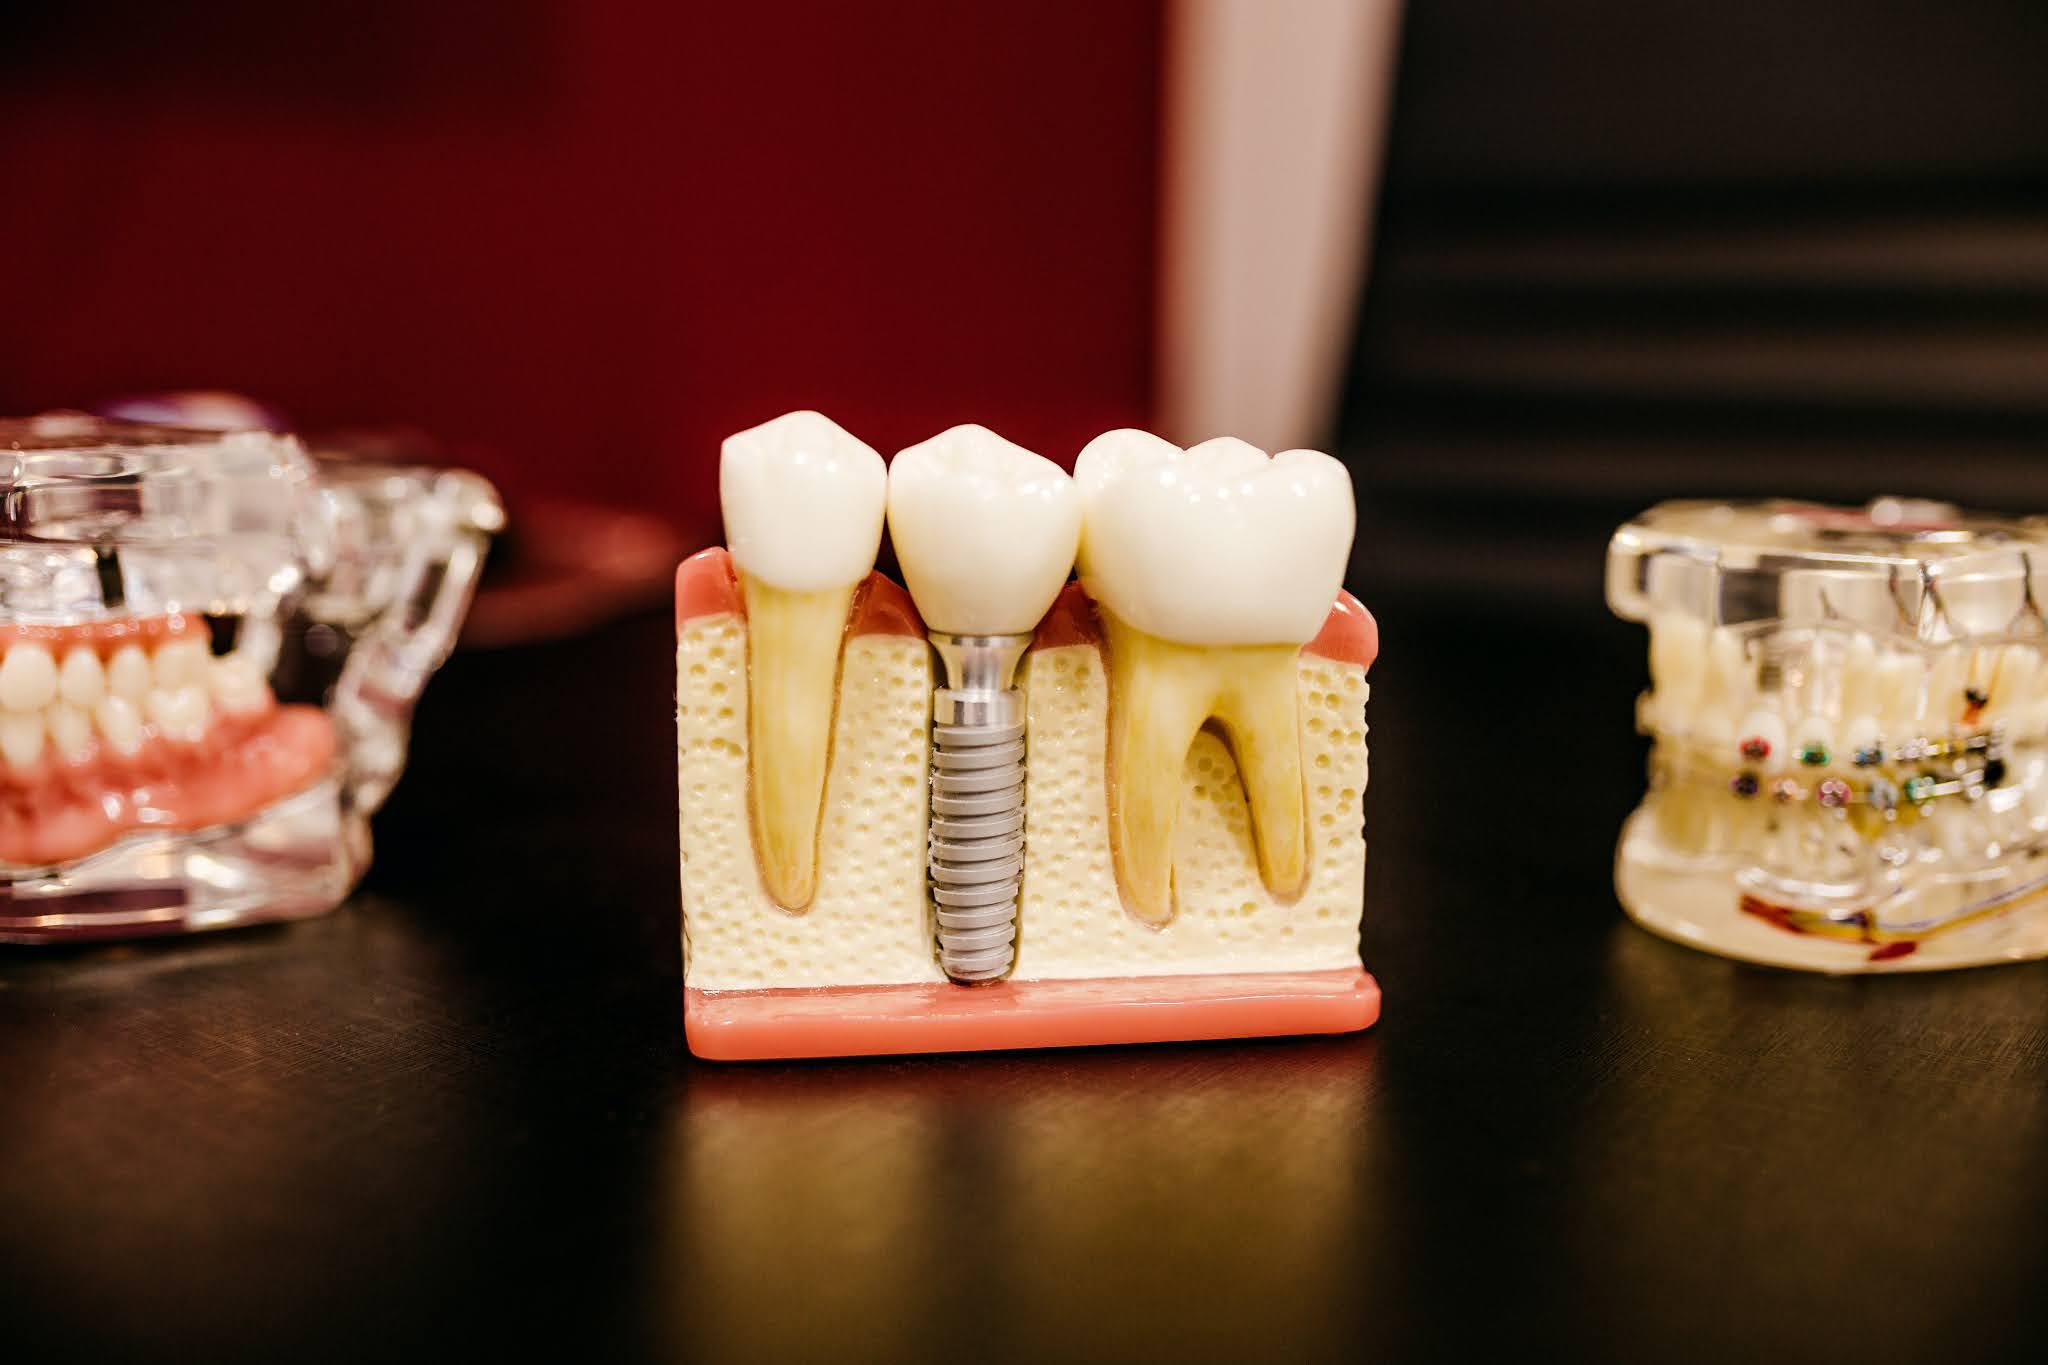 Diş Teli Faydaları Nelerdir? Diş Travması Nedir? Damak Yarası Neden Olur? Çeneden Ses Gelmesi Neden Olur? Diş Çatlaması Nedir? Diş Çatlaması Neden Olur? Çene Kemiği İltihabı Nedir? Çene Kemiği İltihabı Belirtileri Nelerdir? Dişlere Zarar Veren Alışkanlıklar Nelerdir? Protez Diş Bakımı Nasıl Yapılır? Diş Renk Değişikliği Diş Erozyonu Nedir? Çocuklarda Diş Dökülmeleri Ne Zaman Başlar? Yanan Ağız Sendromu Nedir? Diş Fırçalama Teknikleri ve Kuralları Nelerdir? Her Hastaya İmplant Tedavisi Uygulanabilir mi? İmplant Tedavisi İçin En Uygun Yaş Kaçtır?